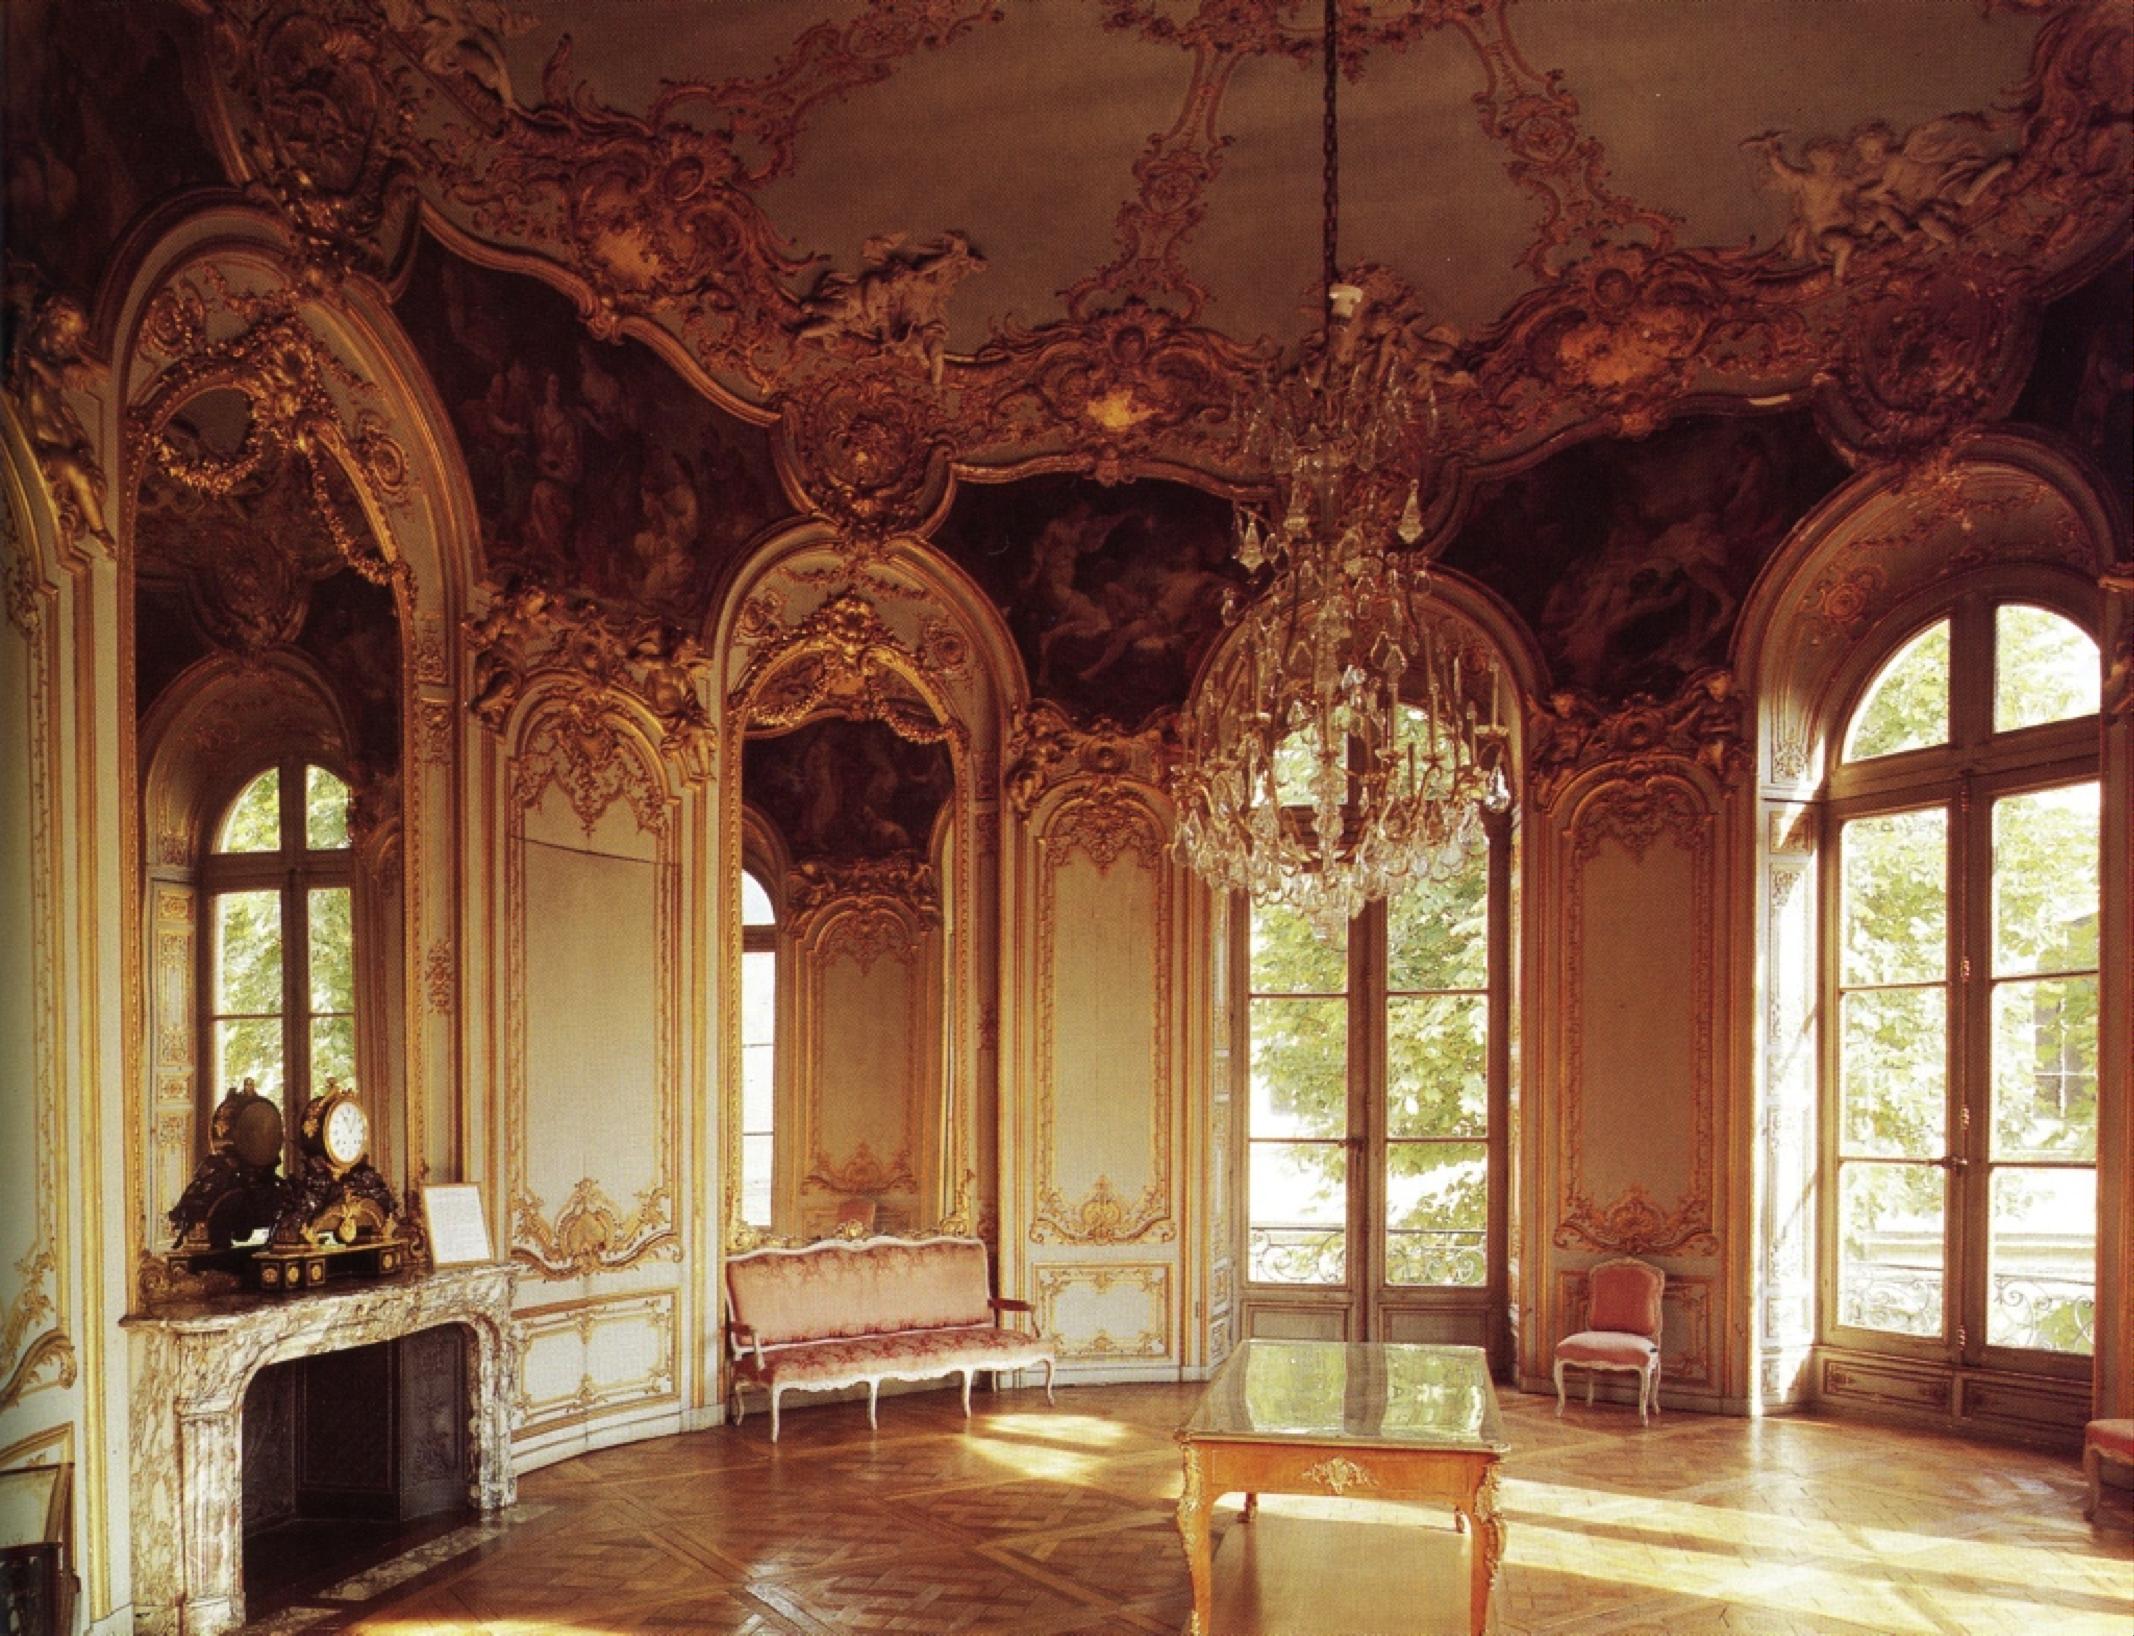 Germain boffrand salon de la princesse hotel de soubise paris